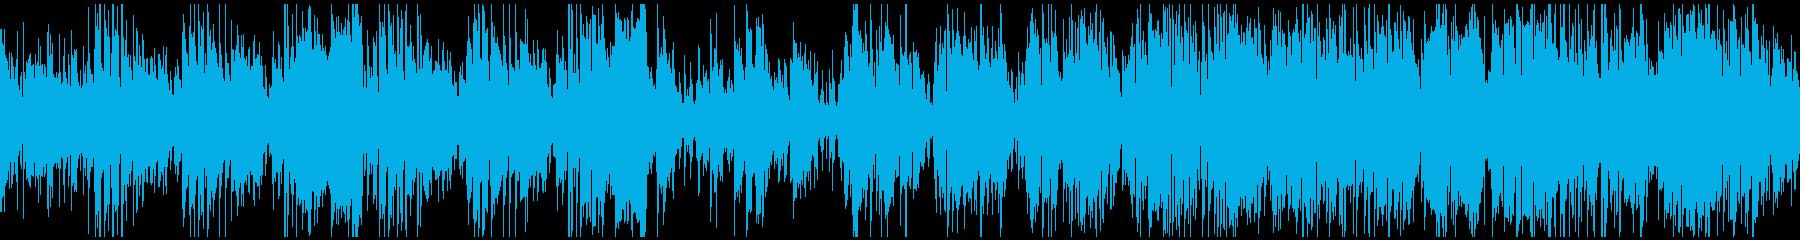 悪役登場シーンのブルースジャズ※ループ版の再生済みの波形